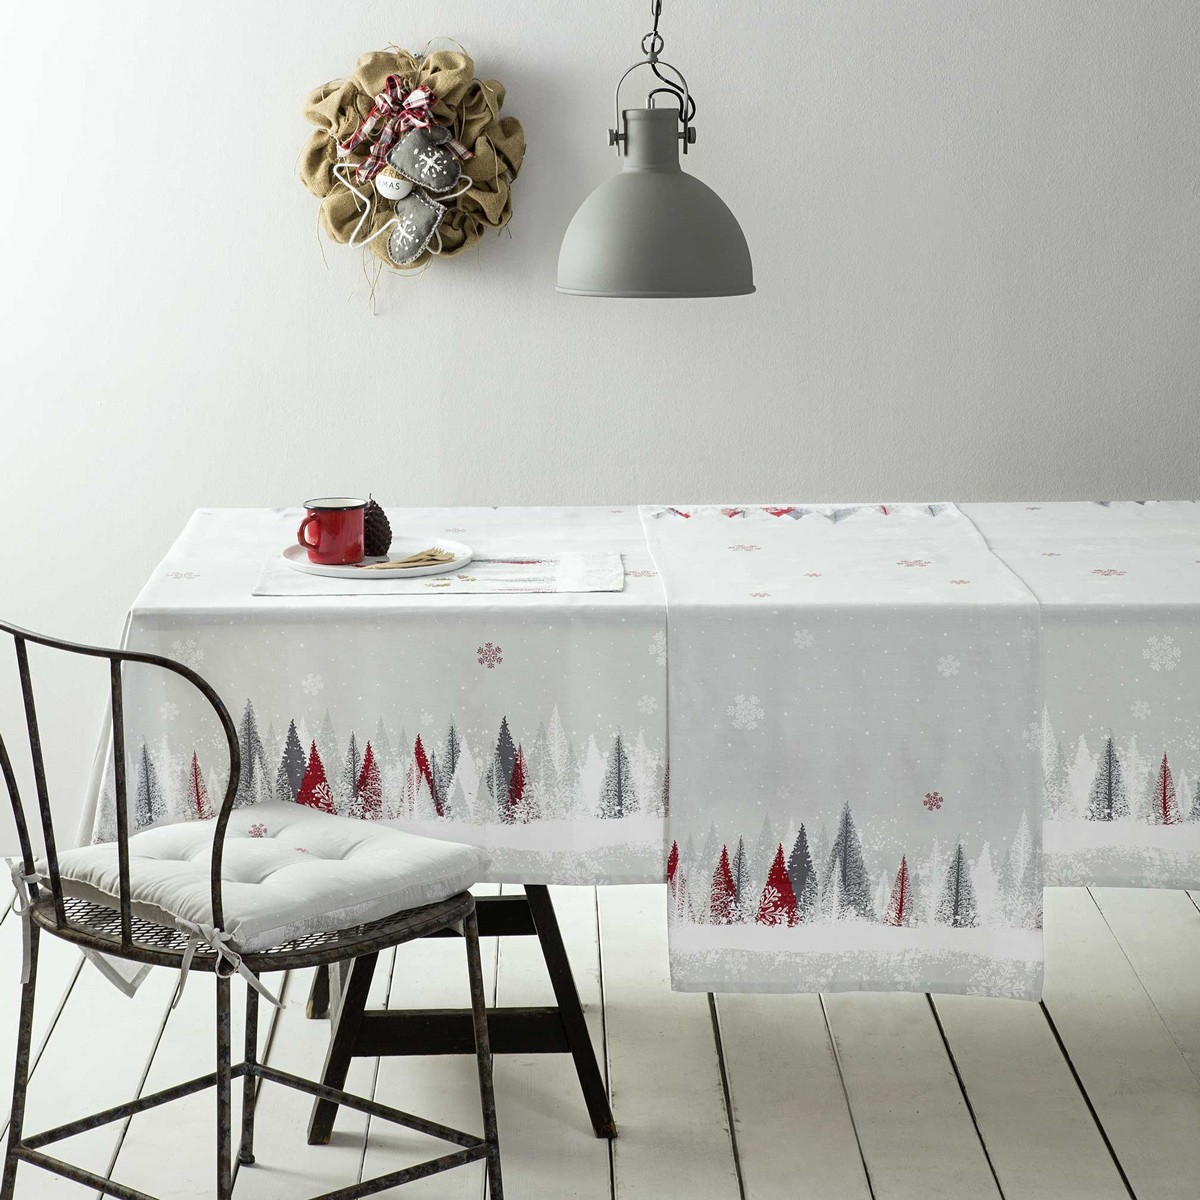 Χριστουγεννιάτικο Τραπεζομάντηλο (150×150) Nima Snowfall